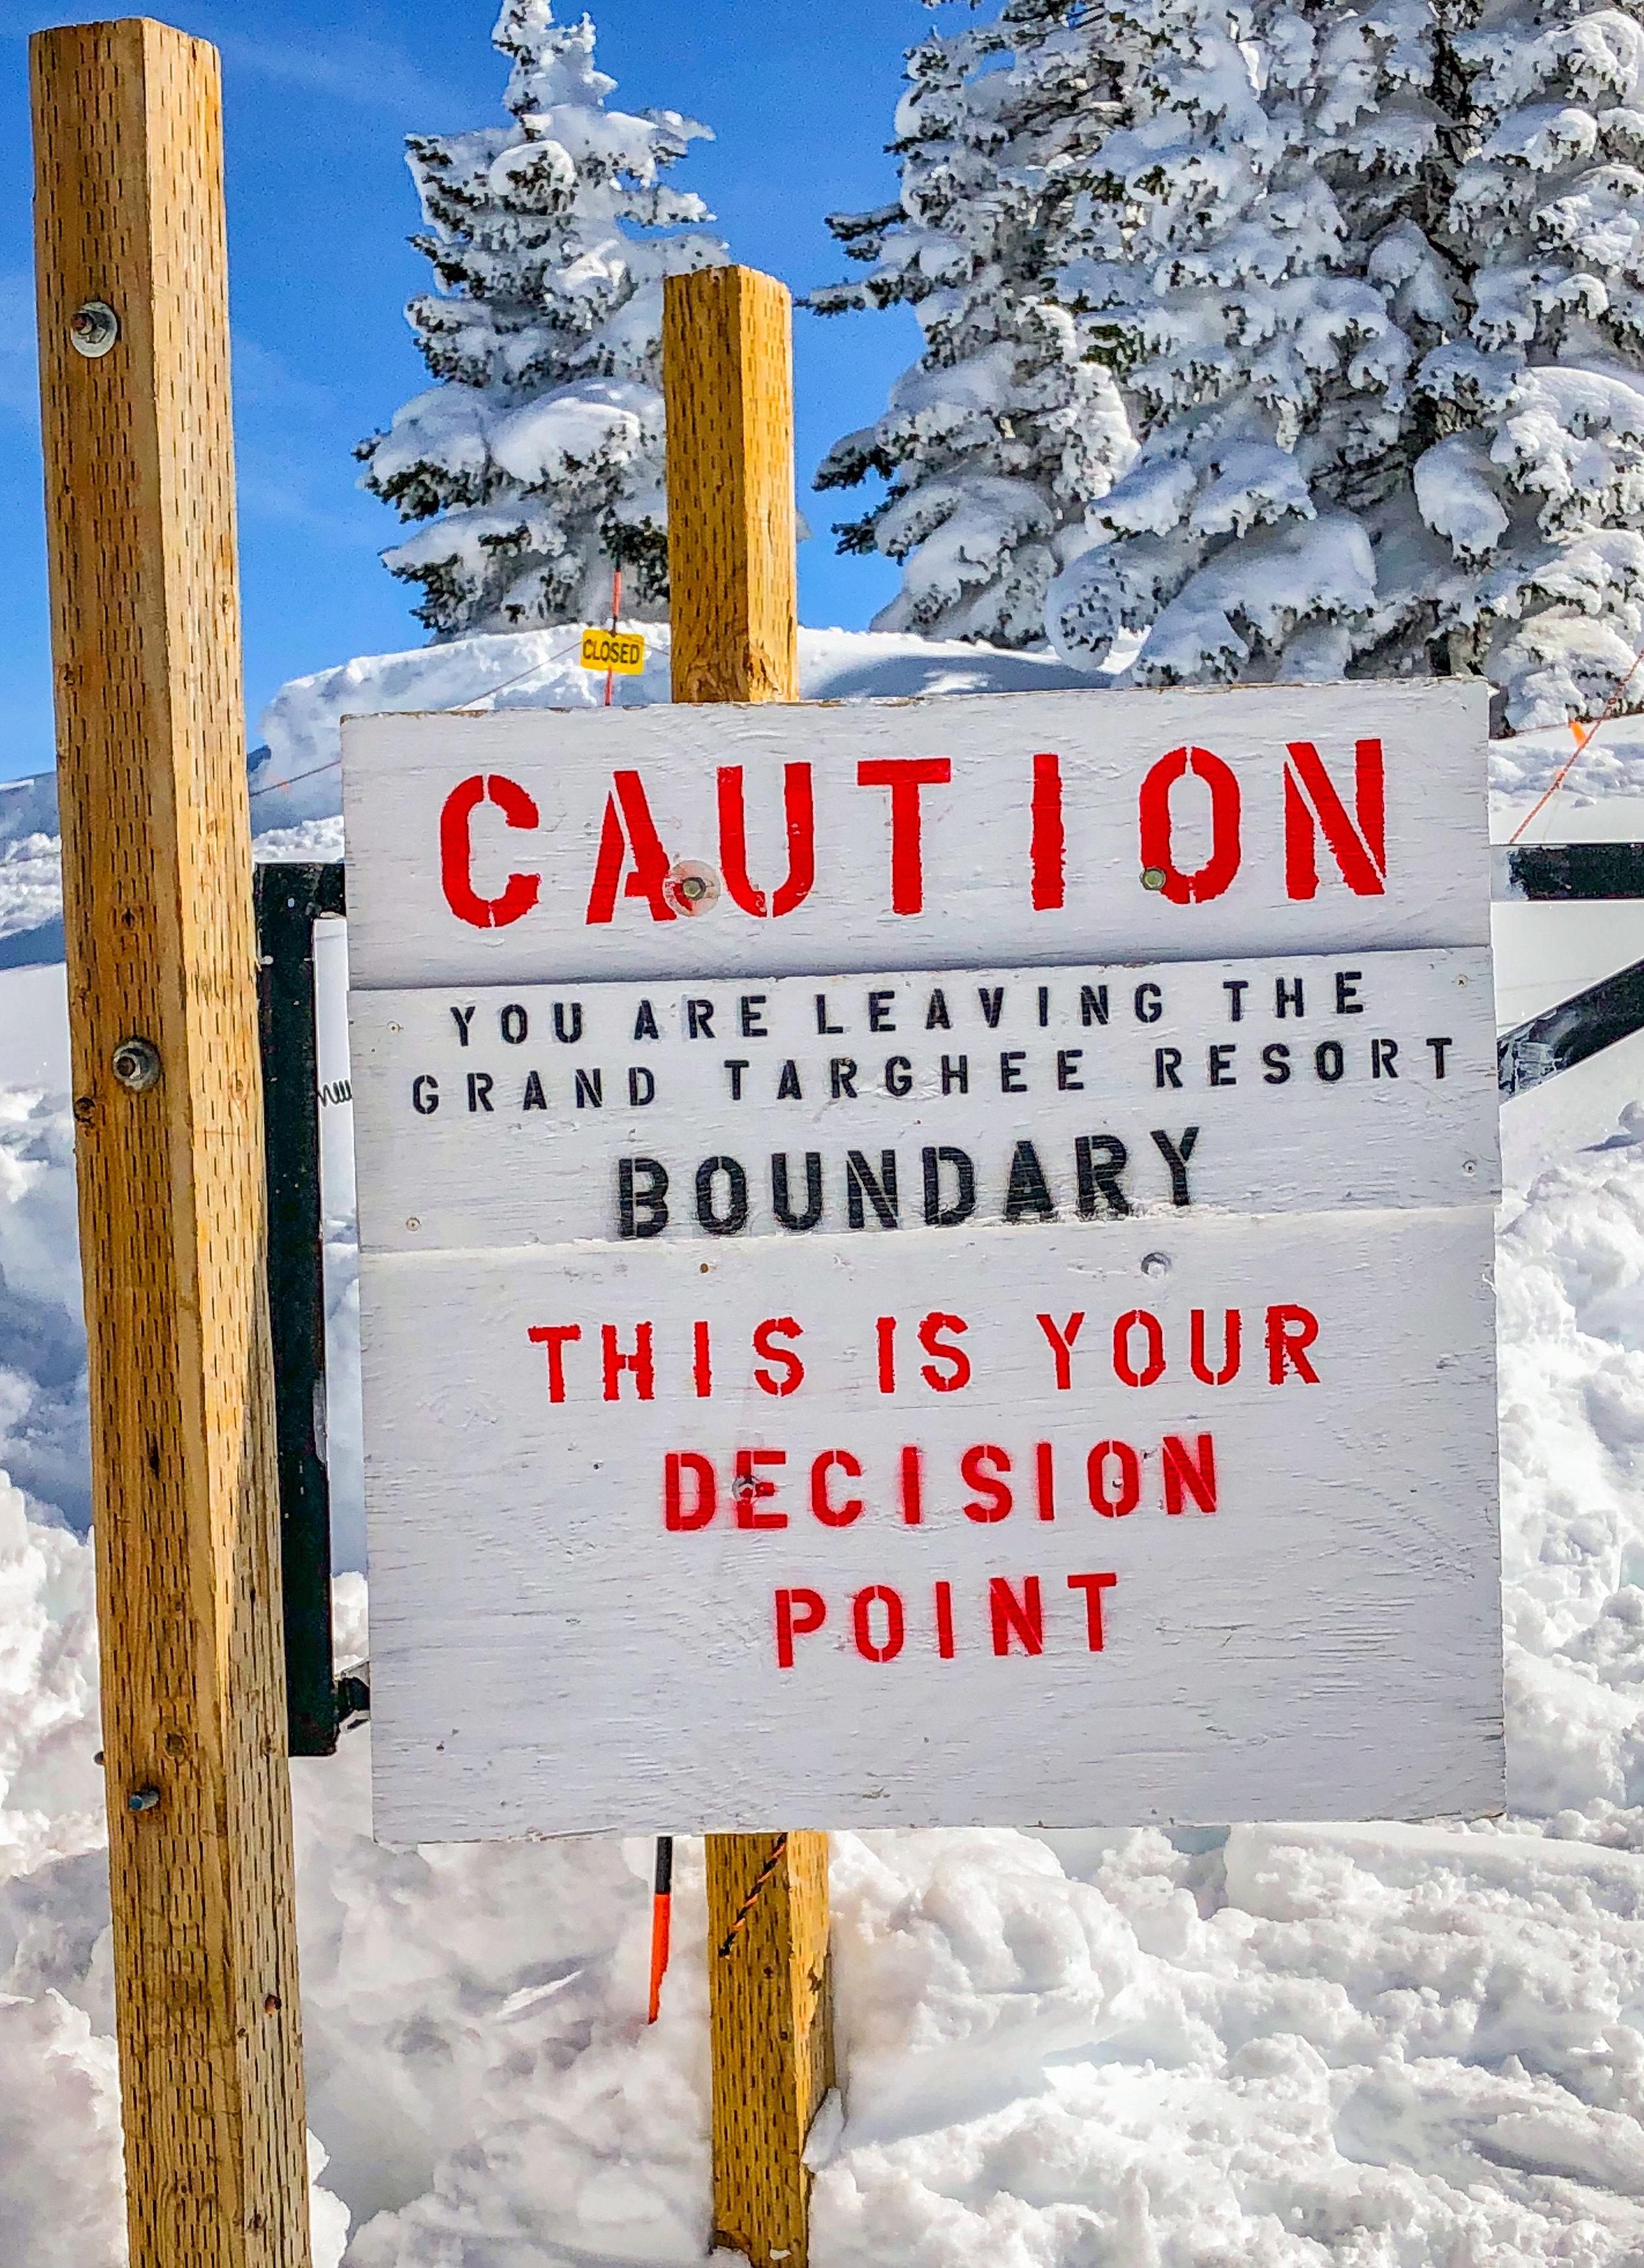 expert skiing Jackson hole www.caribbeansnowflake.com